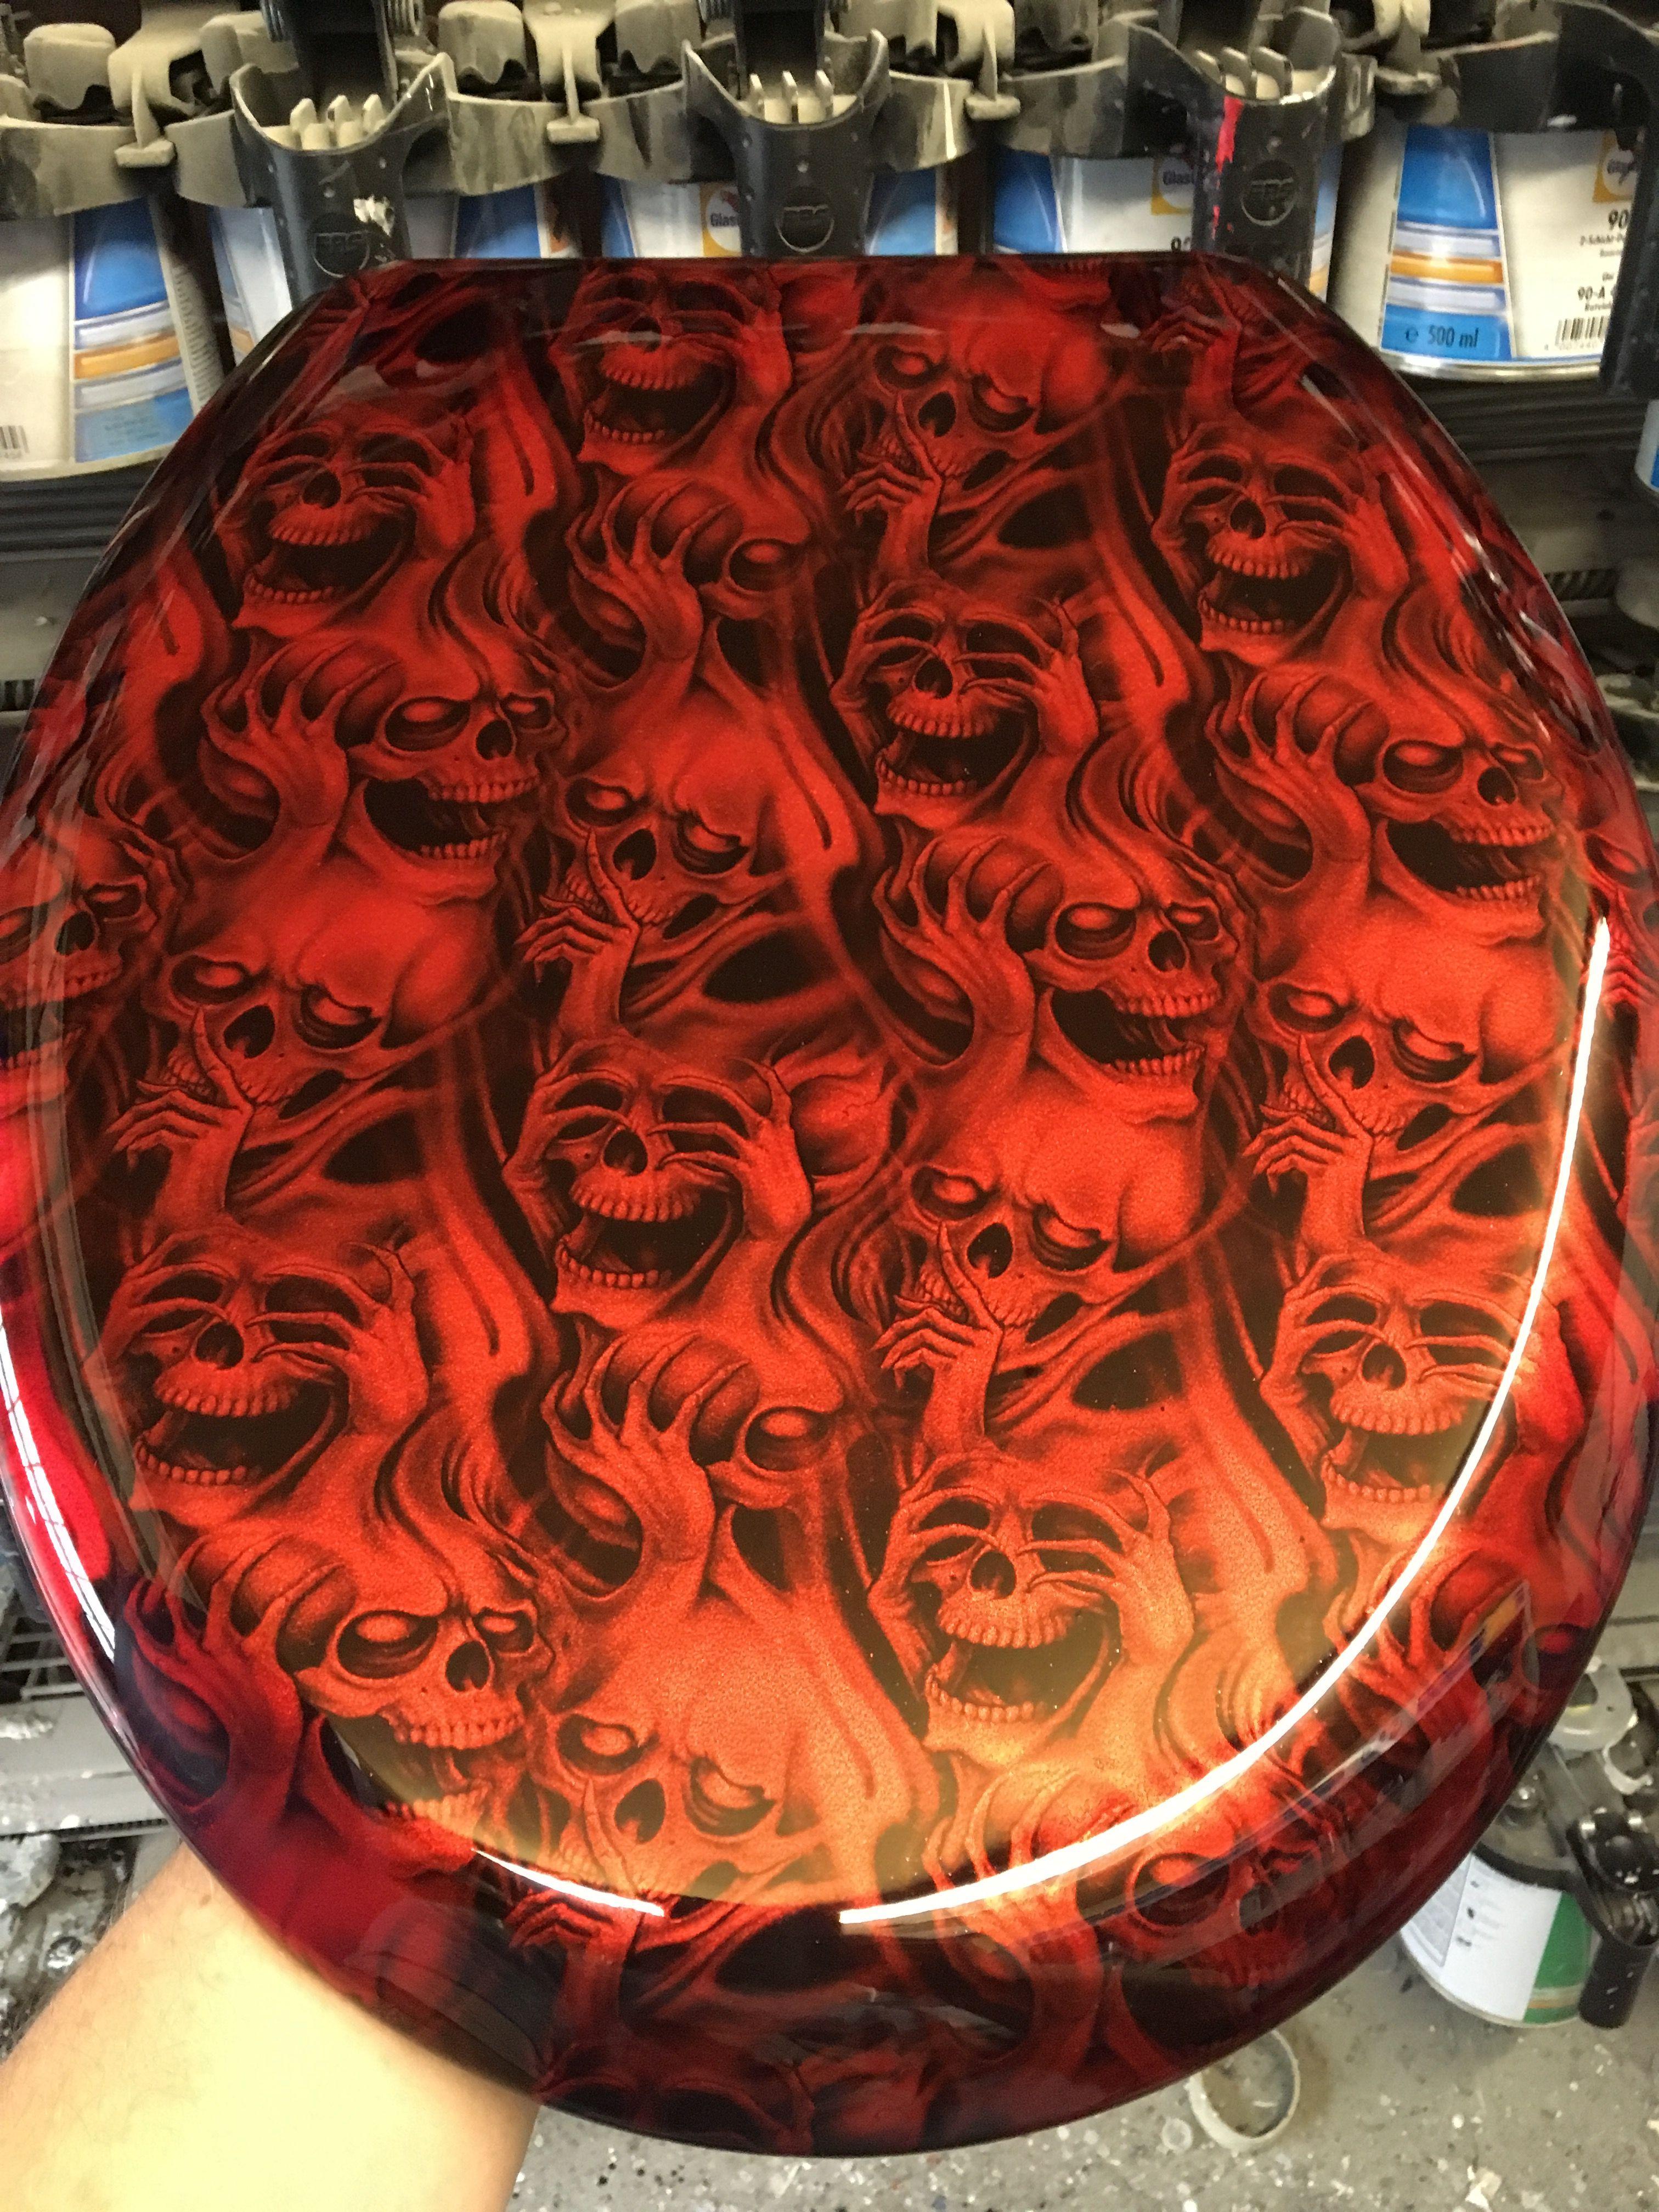 Hydro Graphics on Toilet Seat Skulls